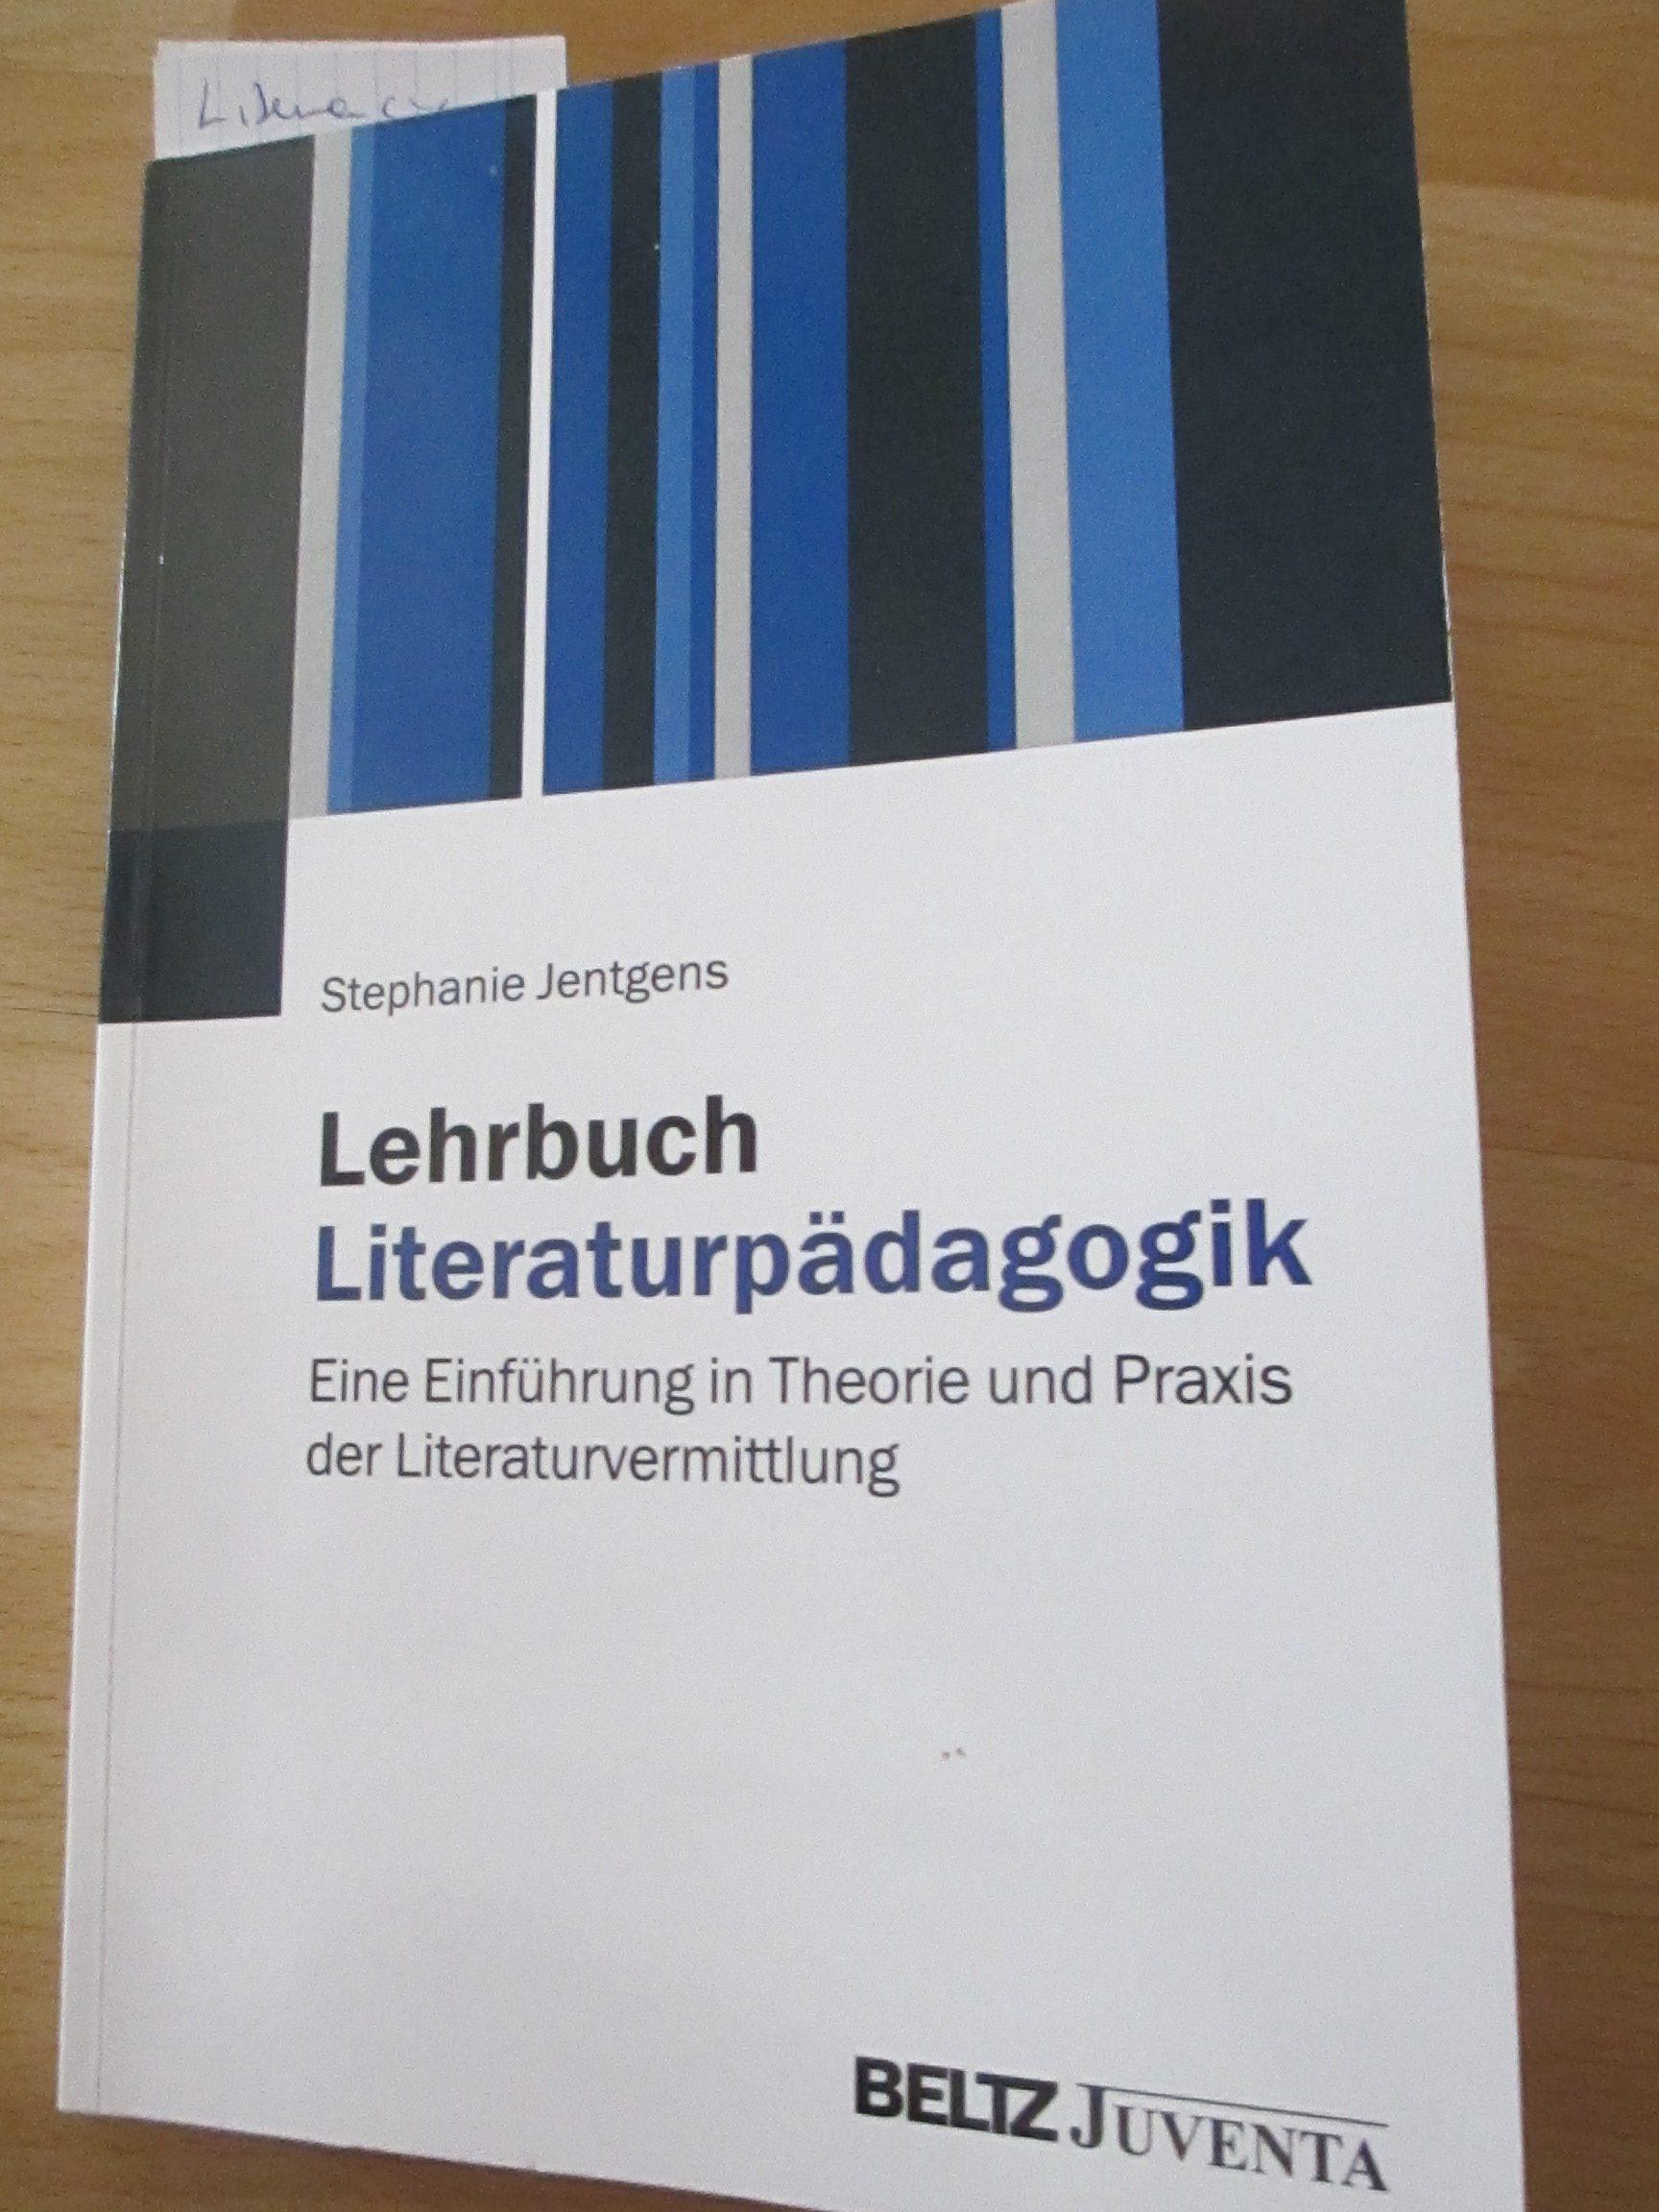 Lehrbuch Literaturpädagogik - Eine Einführung in Theorie und Praxis der Literaturvermittlung Book Cover